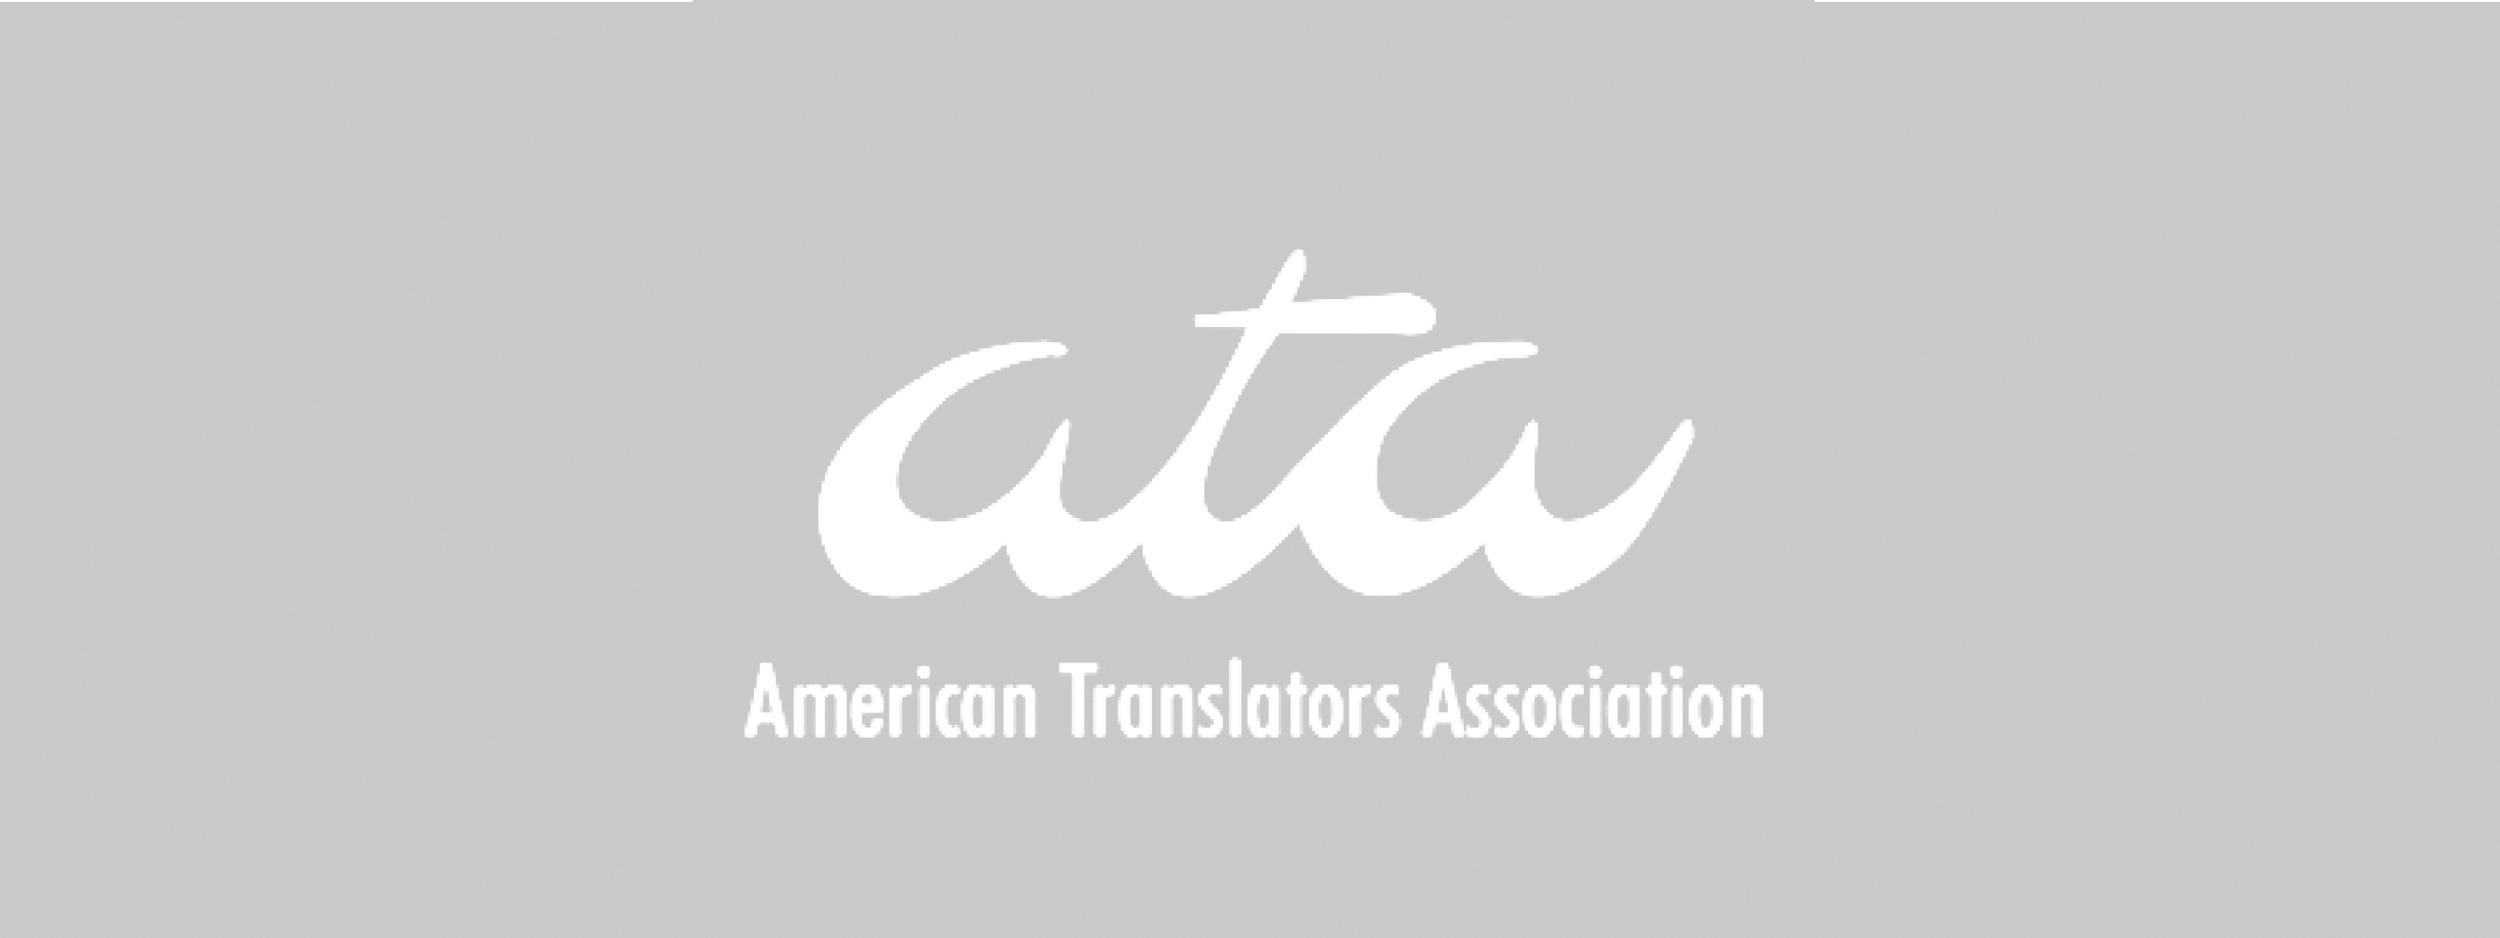 member-of-ata copy_gray.png